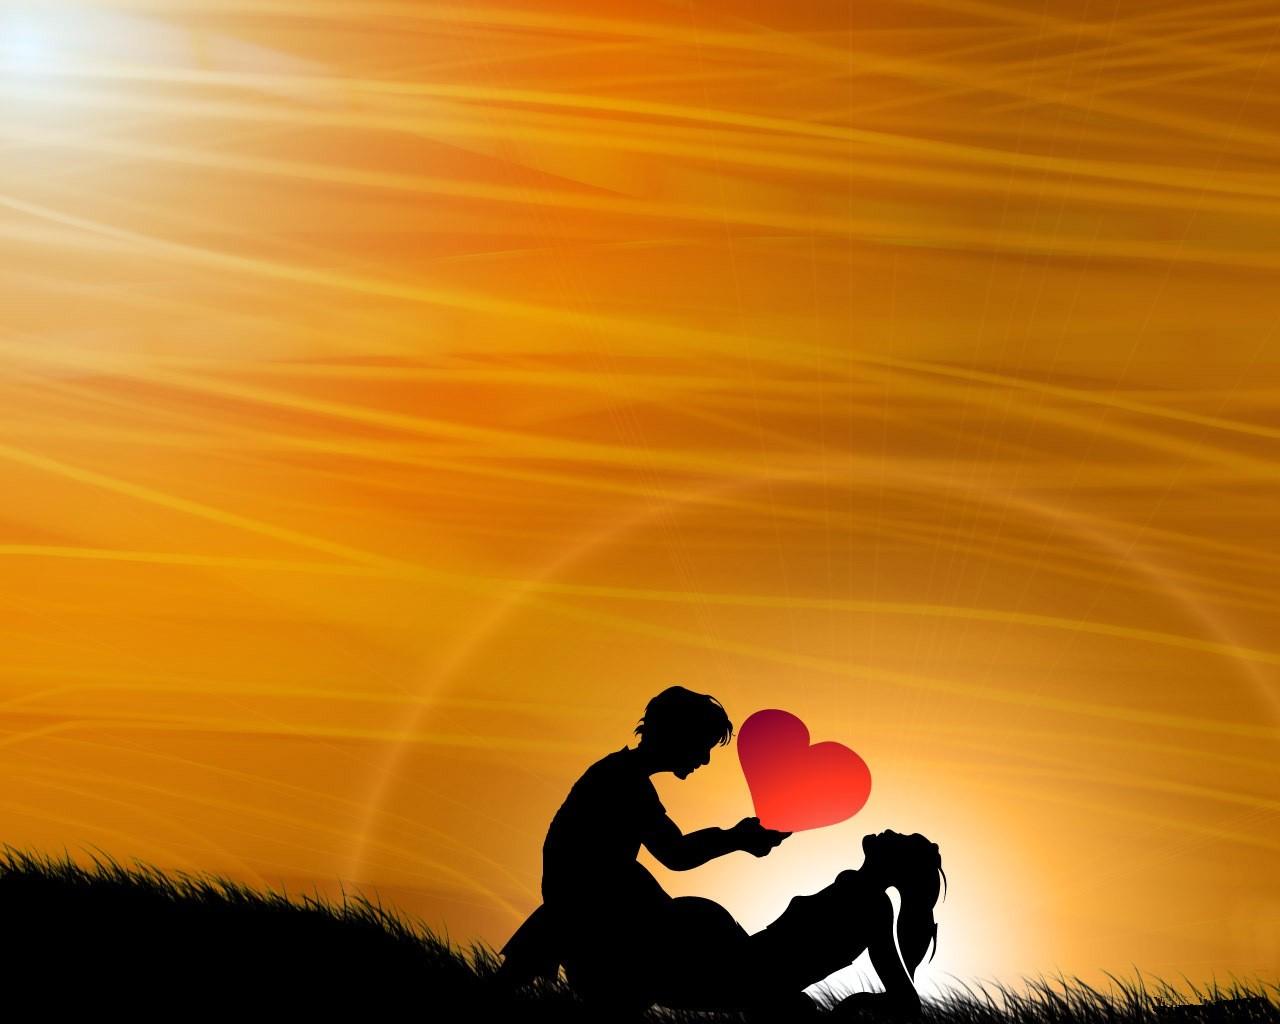 Картинки с надписями про любовь вконтакте, днем